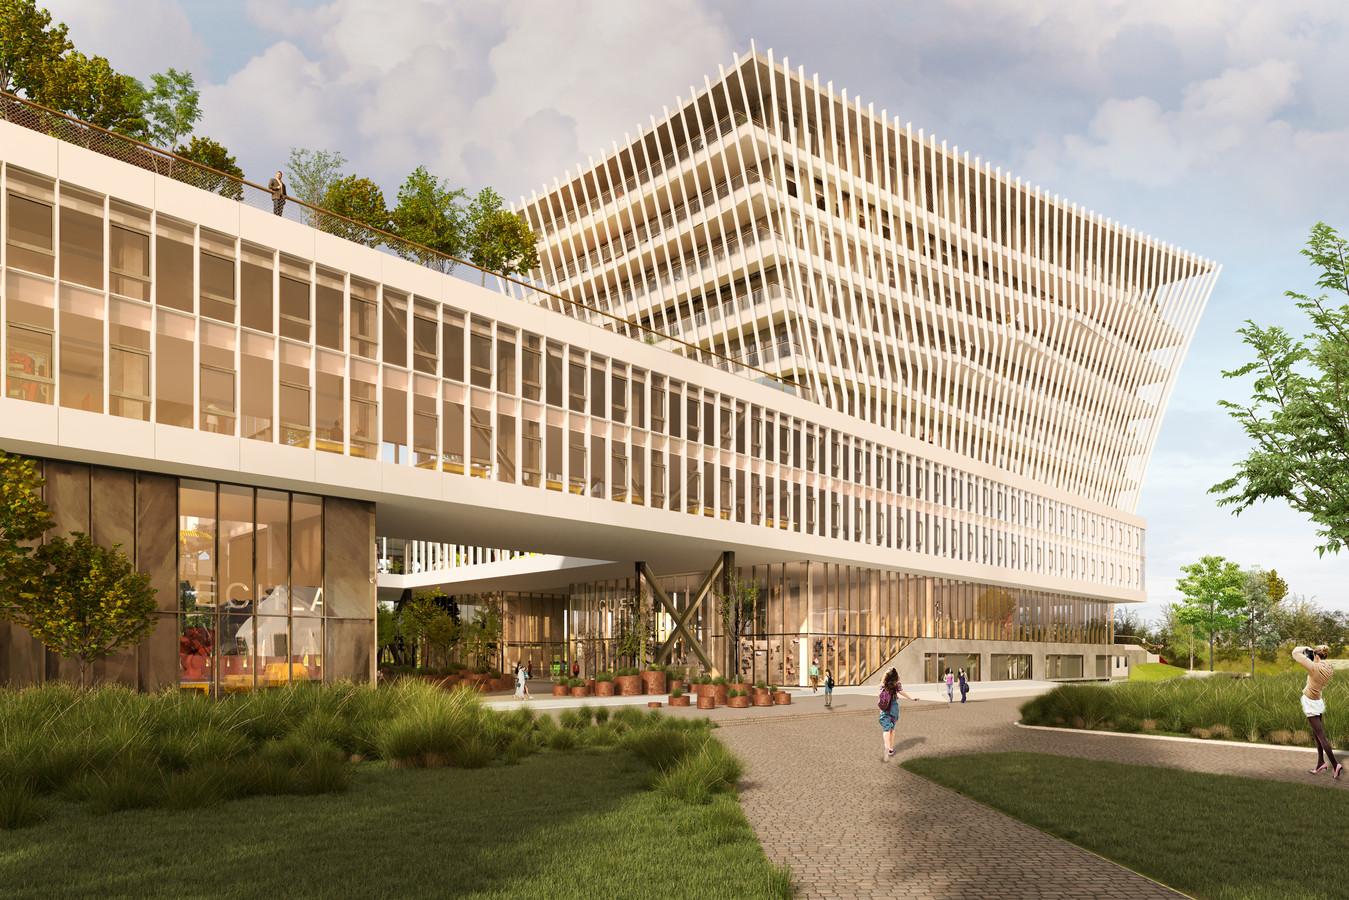 Een impressie van het geplande onthaalgebouw voor de Maritieme Campus op de voormalige BP-site.